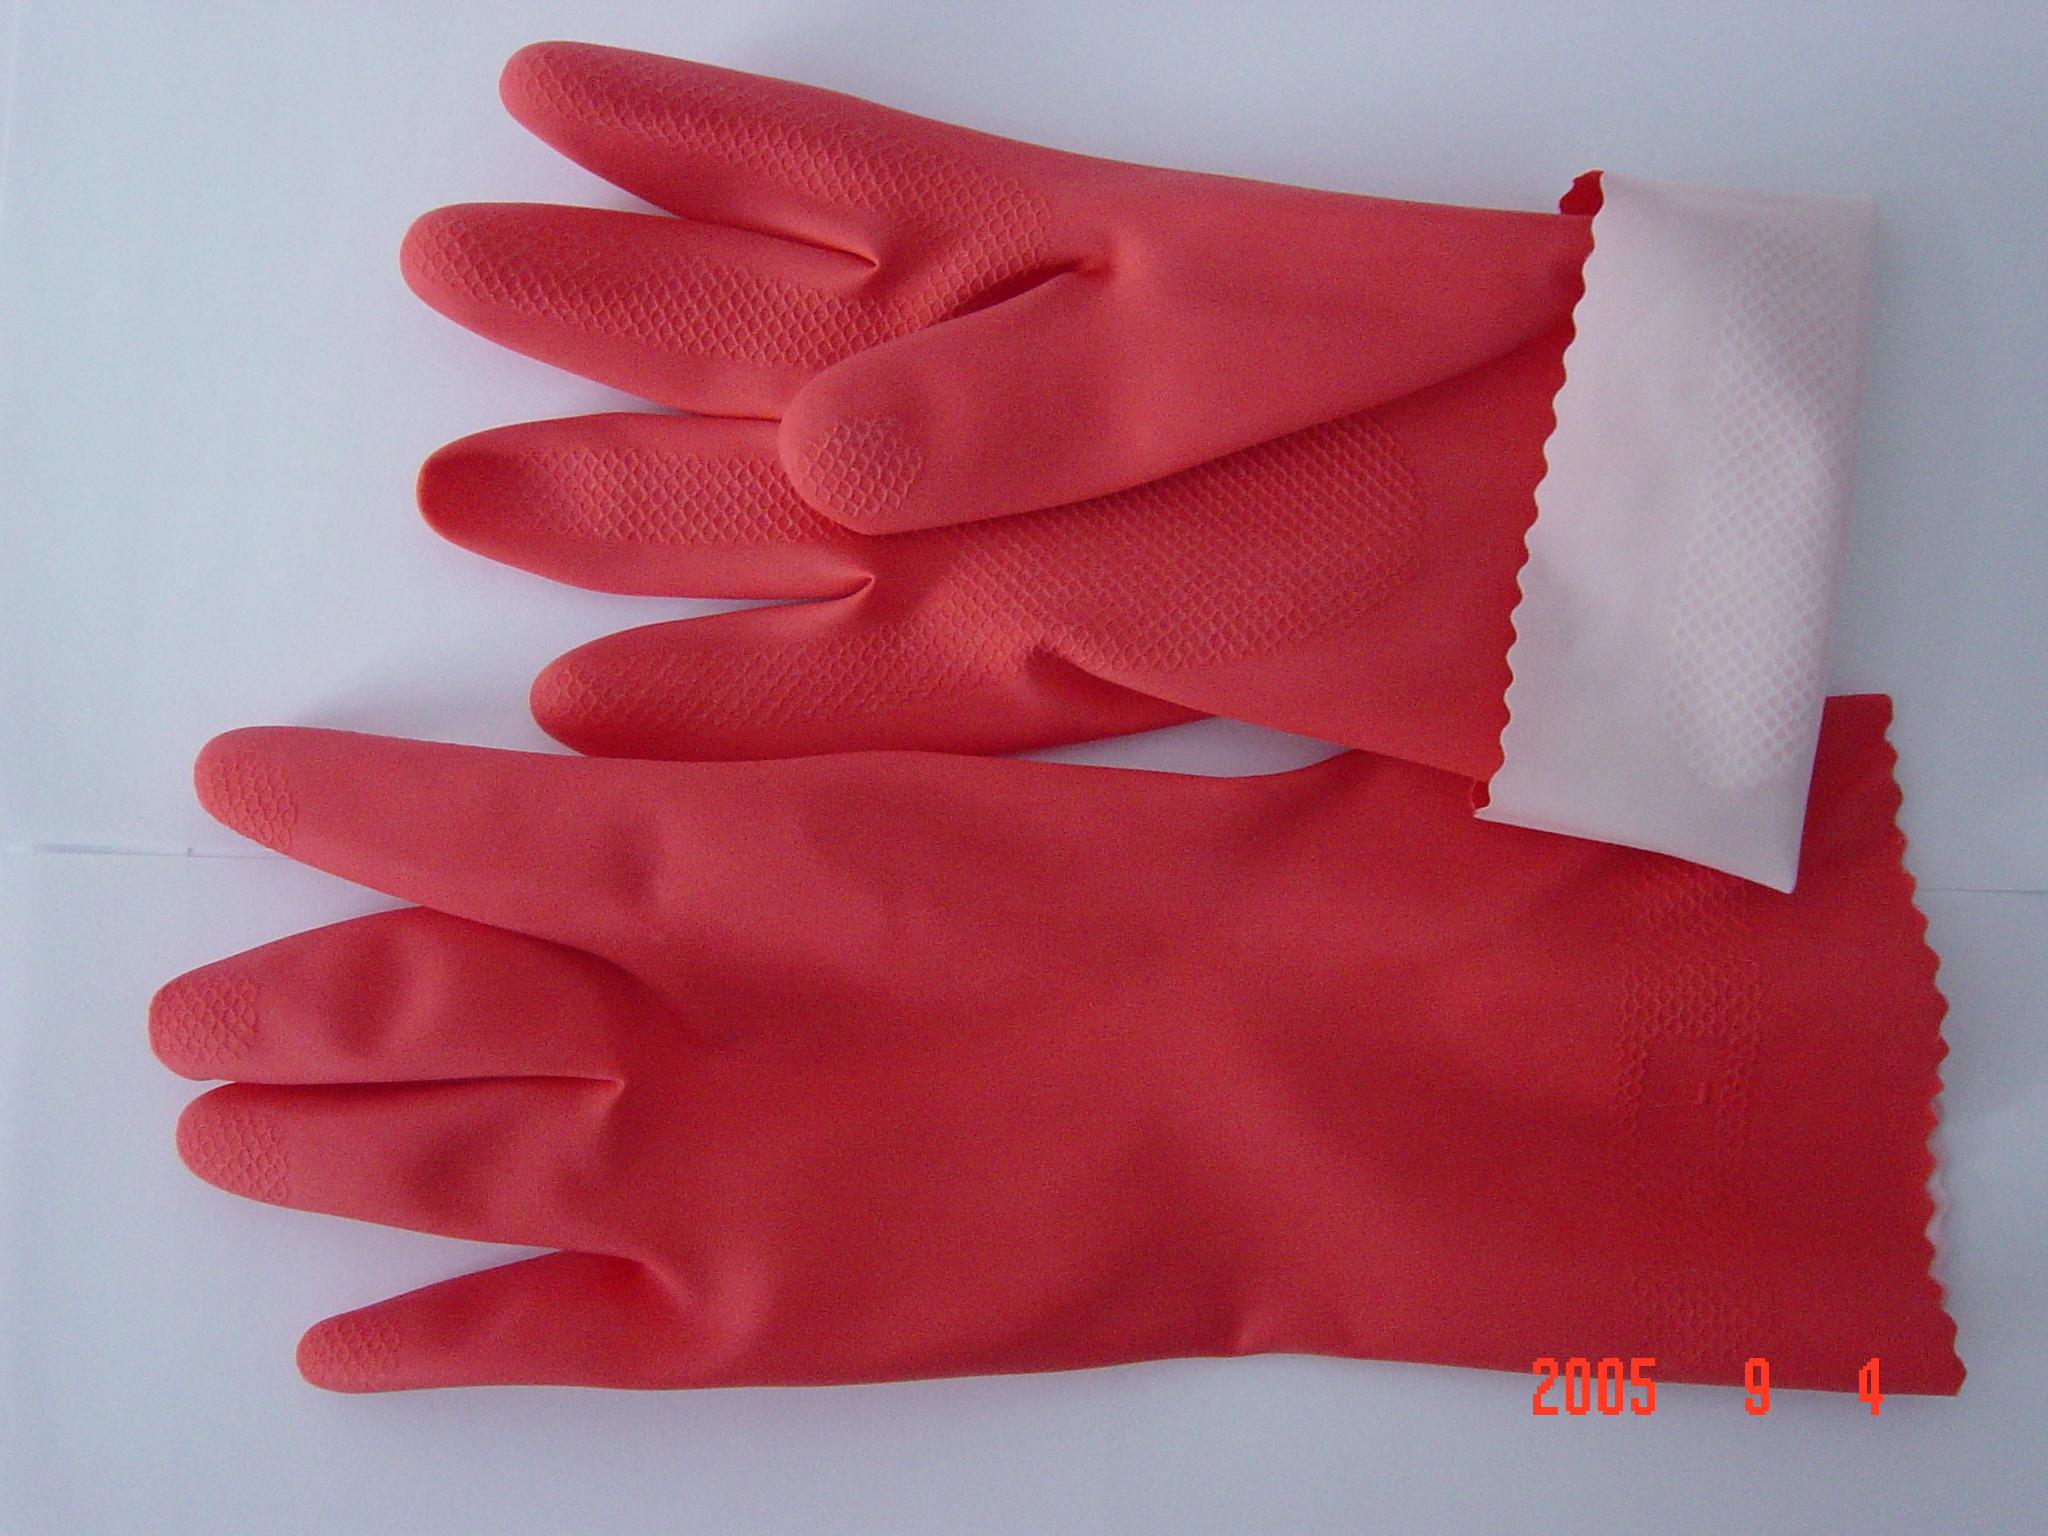 鱼鳞纹光里卷边家用手套